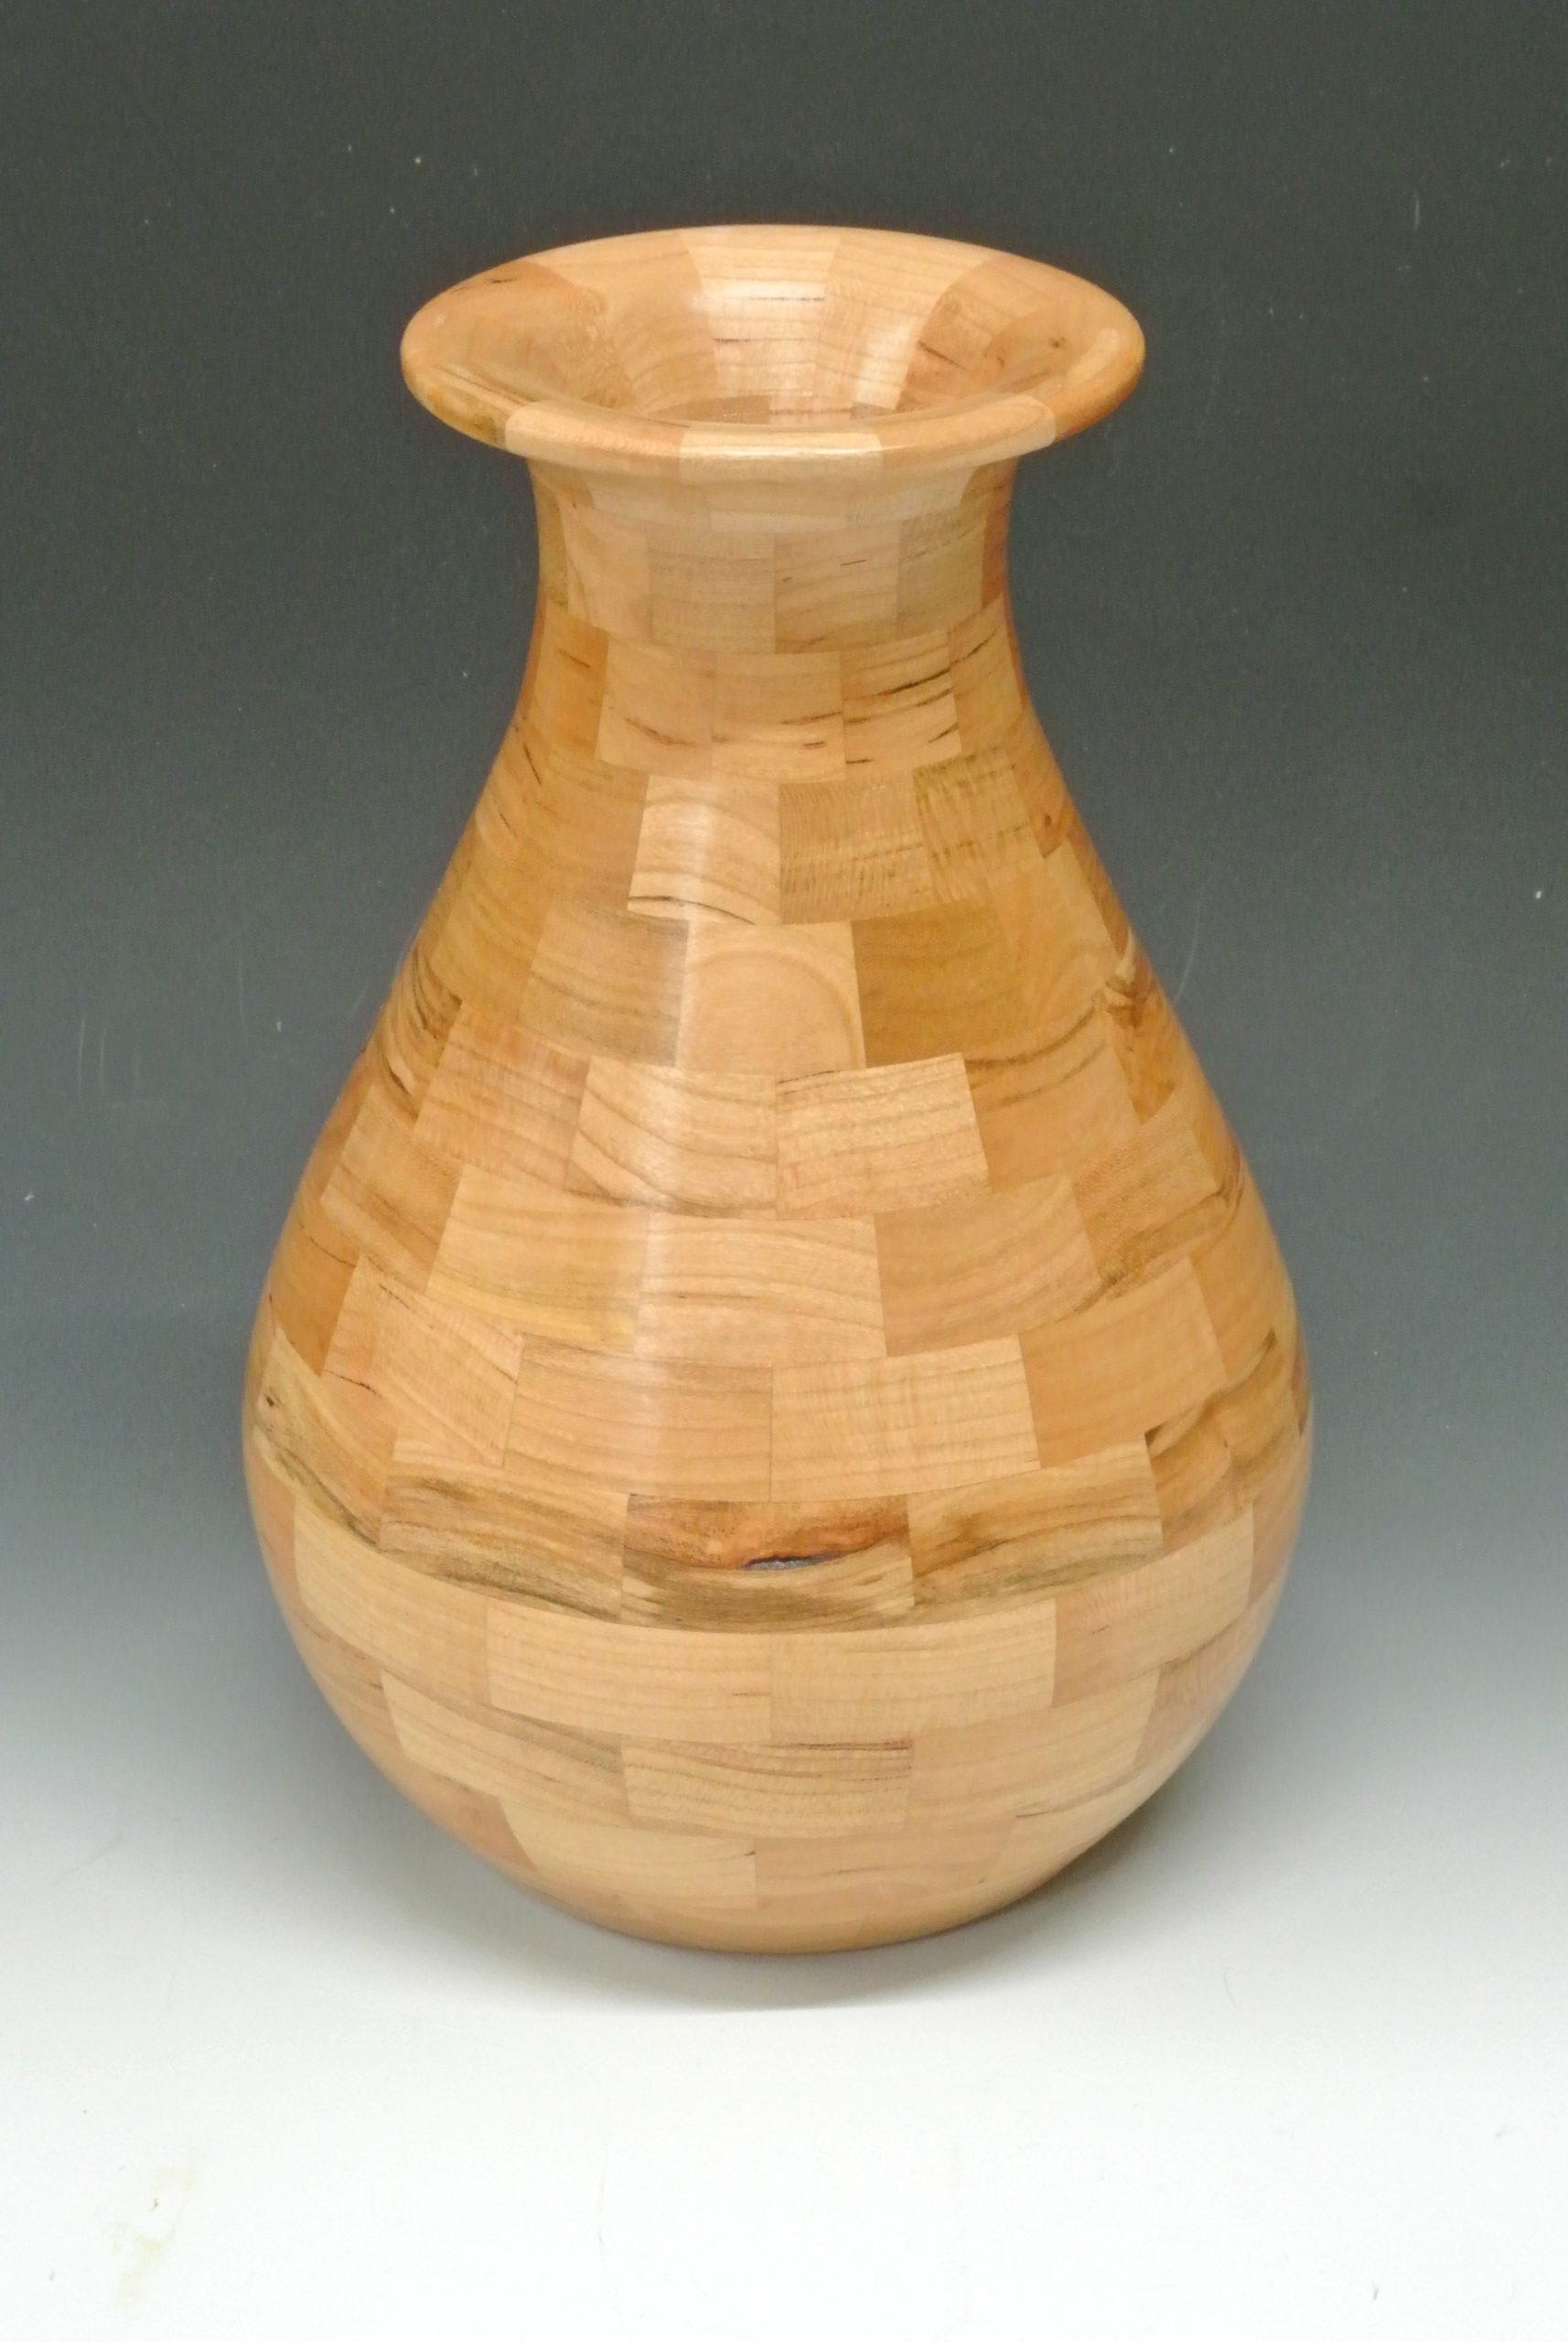 Turned wood, symetrical vase